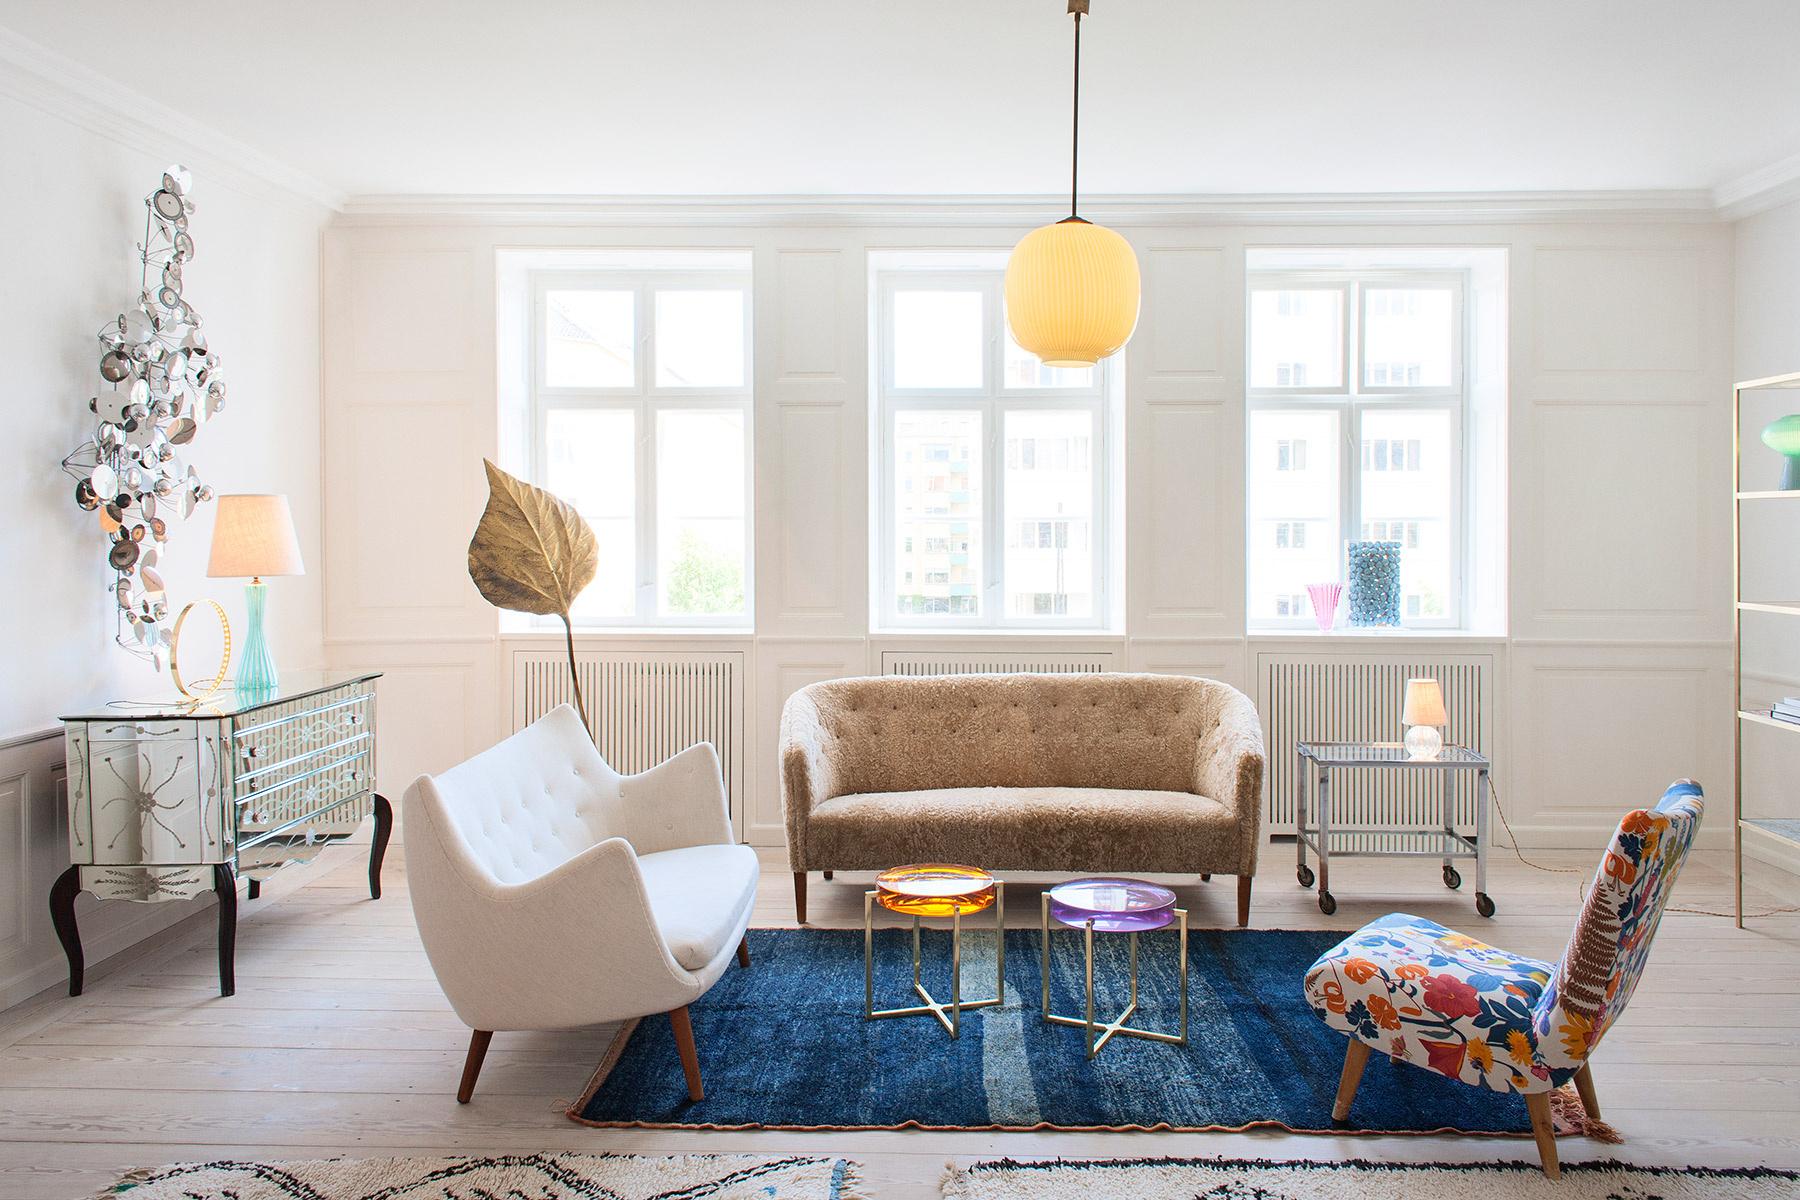 the_apartment_galeria_diseno_copenhague_620804643_1800x1200